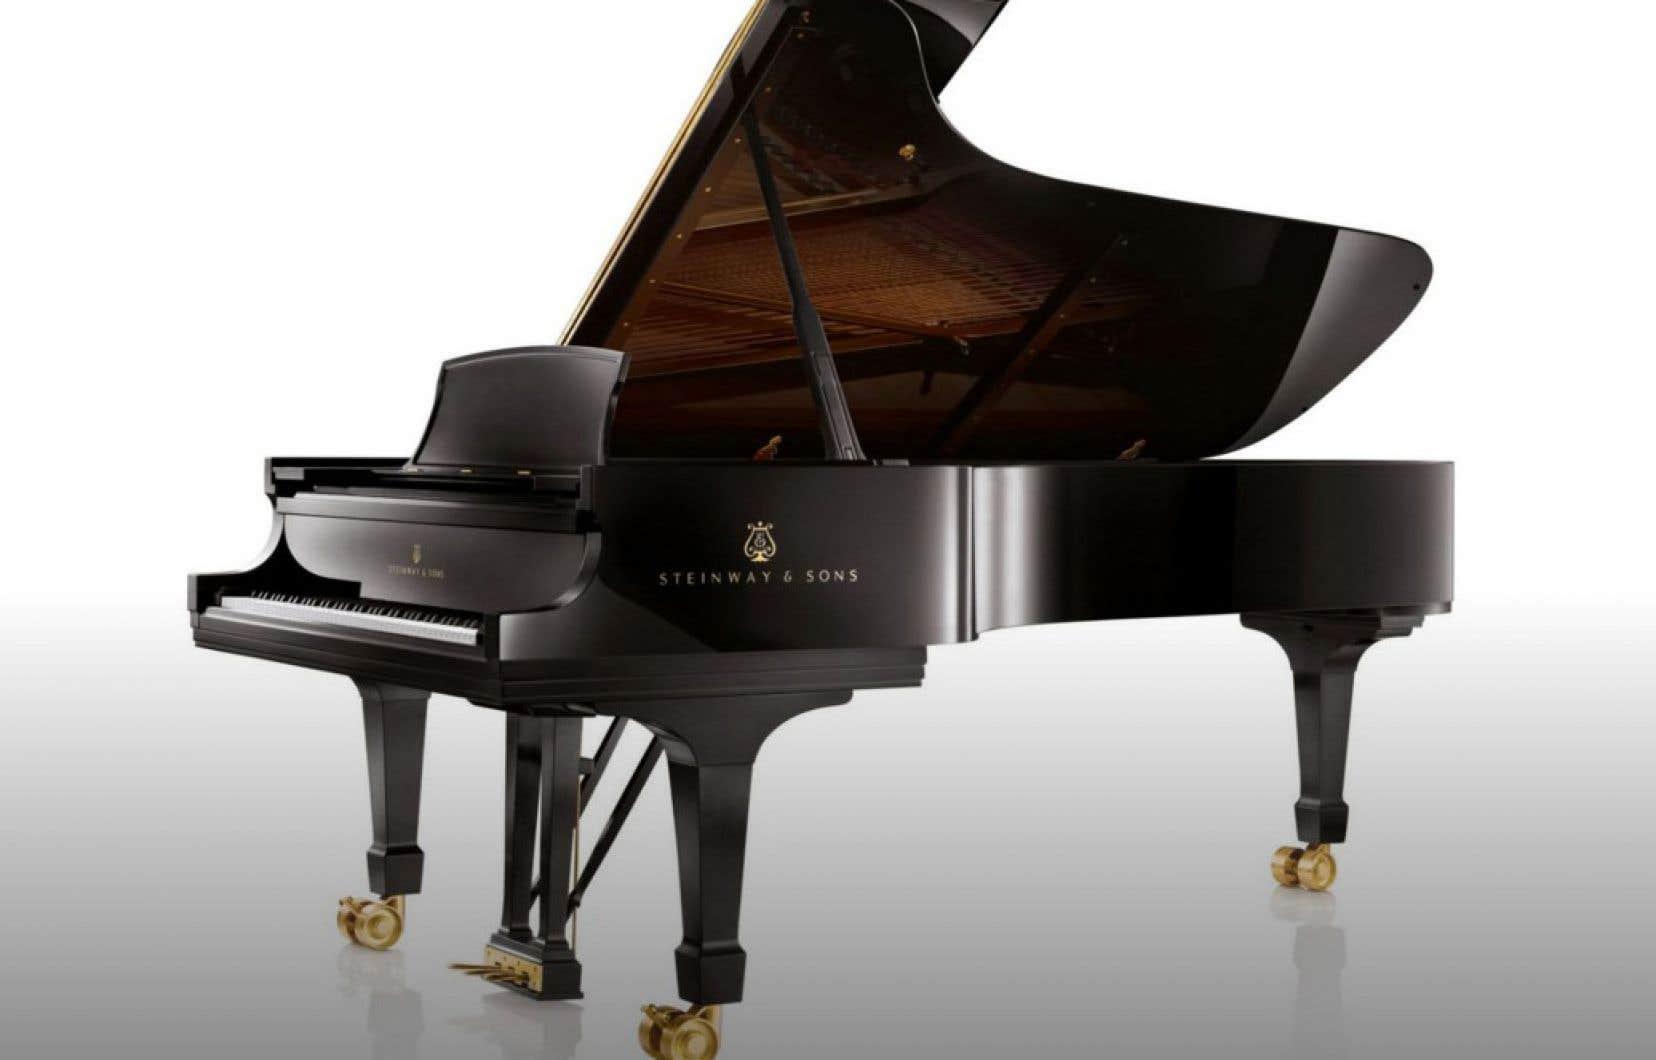 Le nouveau piano Steinway, sélectionné avec grand soin par la Faculté de musique de l'Université de Montréal, a subi des «dommages importants» durant son transport depuis Hambourg.